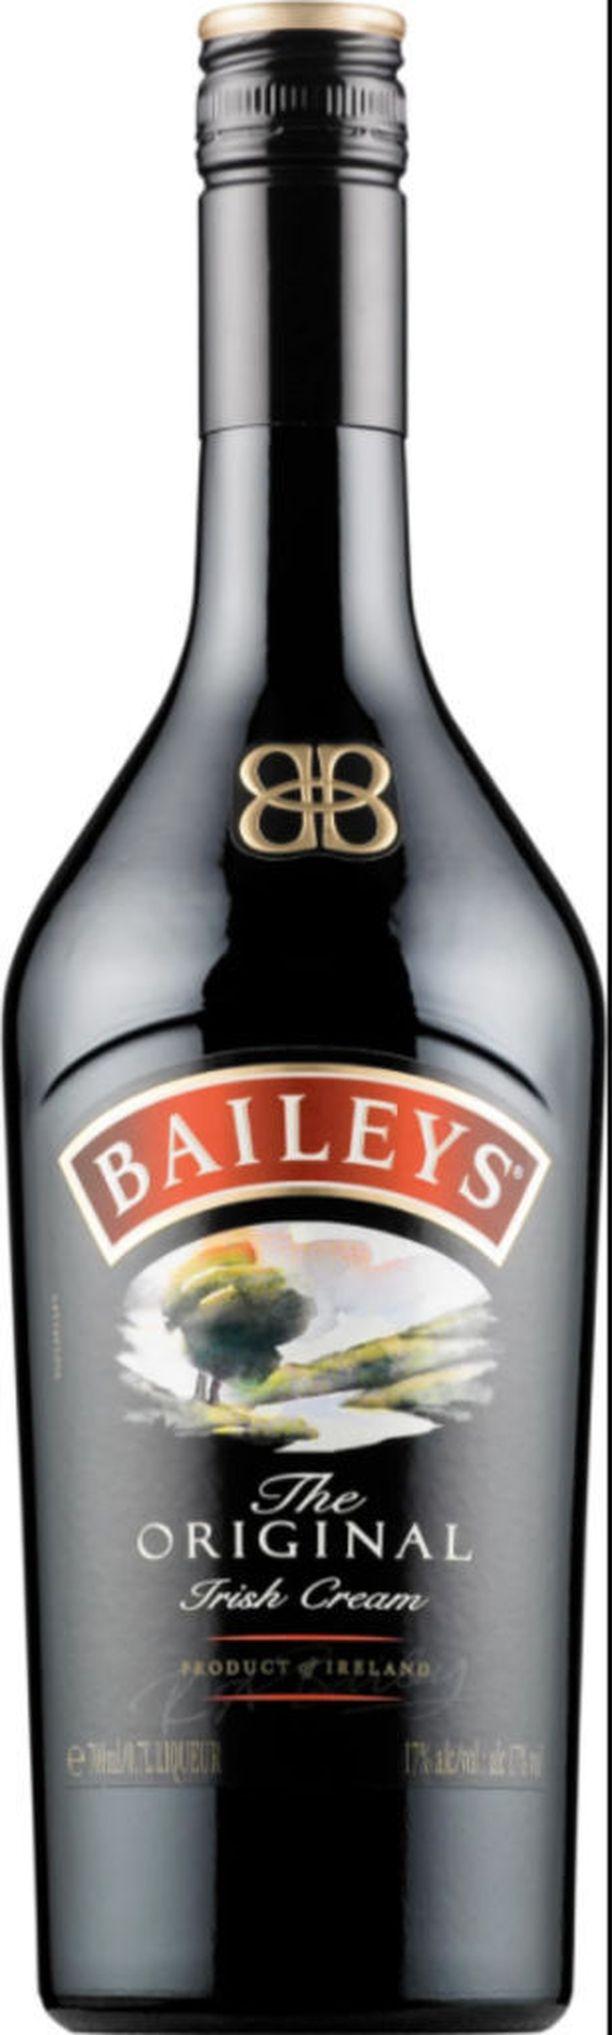 Baileys Original Irish Creamin litrahinta 0,7 litran pullossa on 28,41 euroa. Jos haluaa ostaa vain 0,05 litran minipullon, litrahinta on 53,80 euroa.